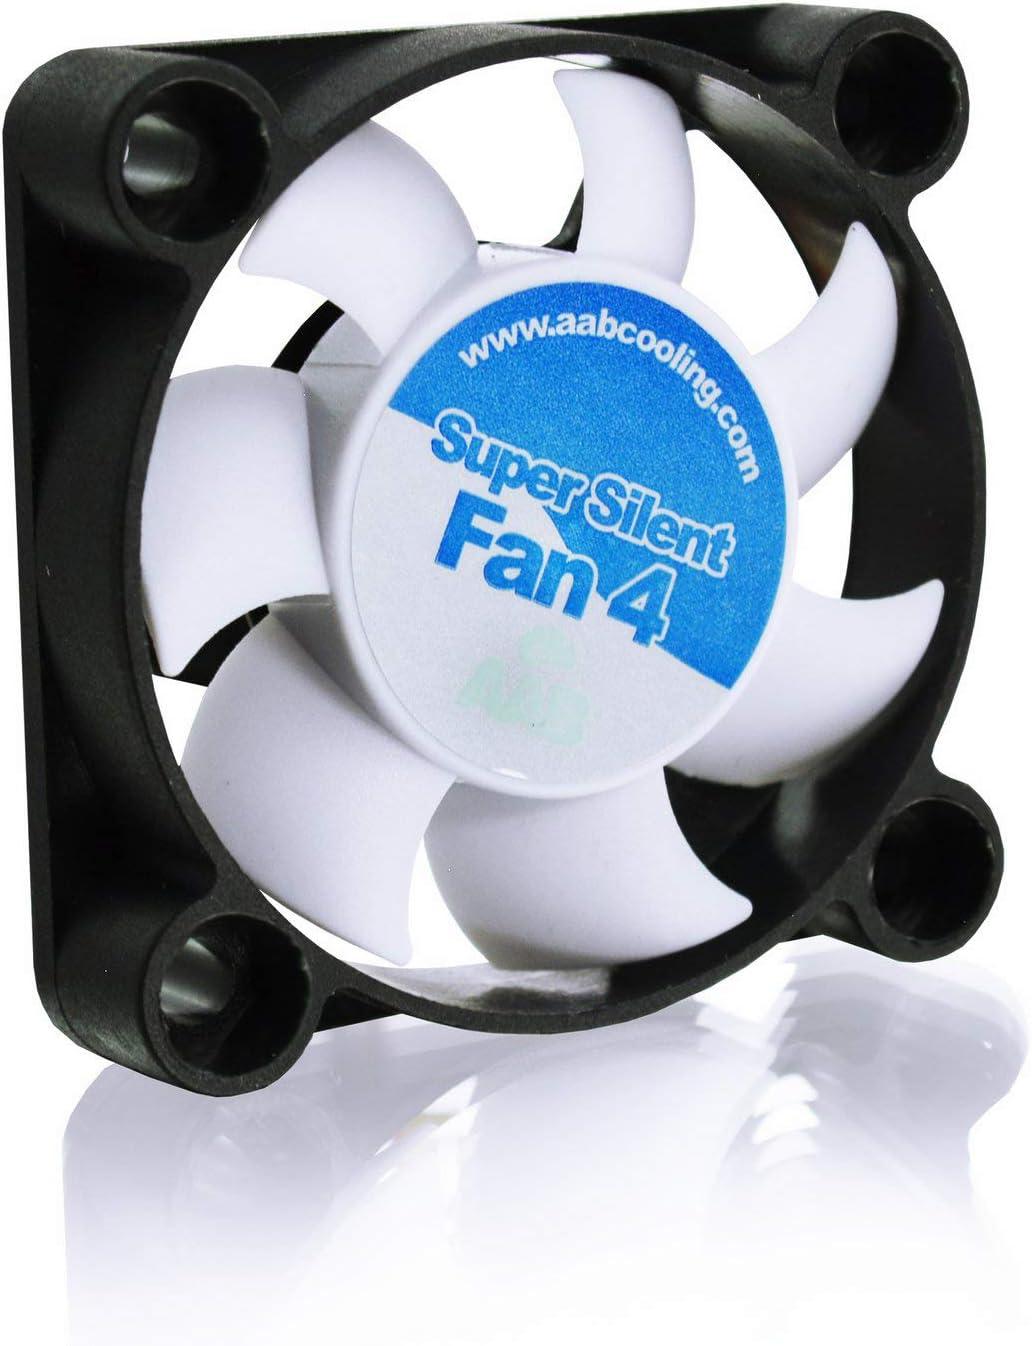 AABCOOLING Super Silent Fan 5 - Un Silencioso y Muy Efectivo ...